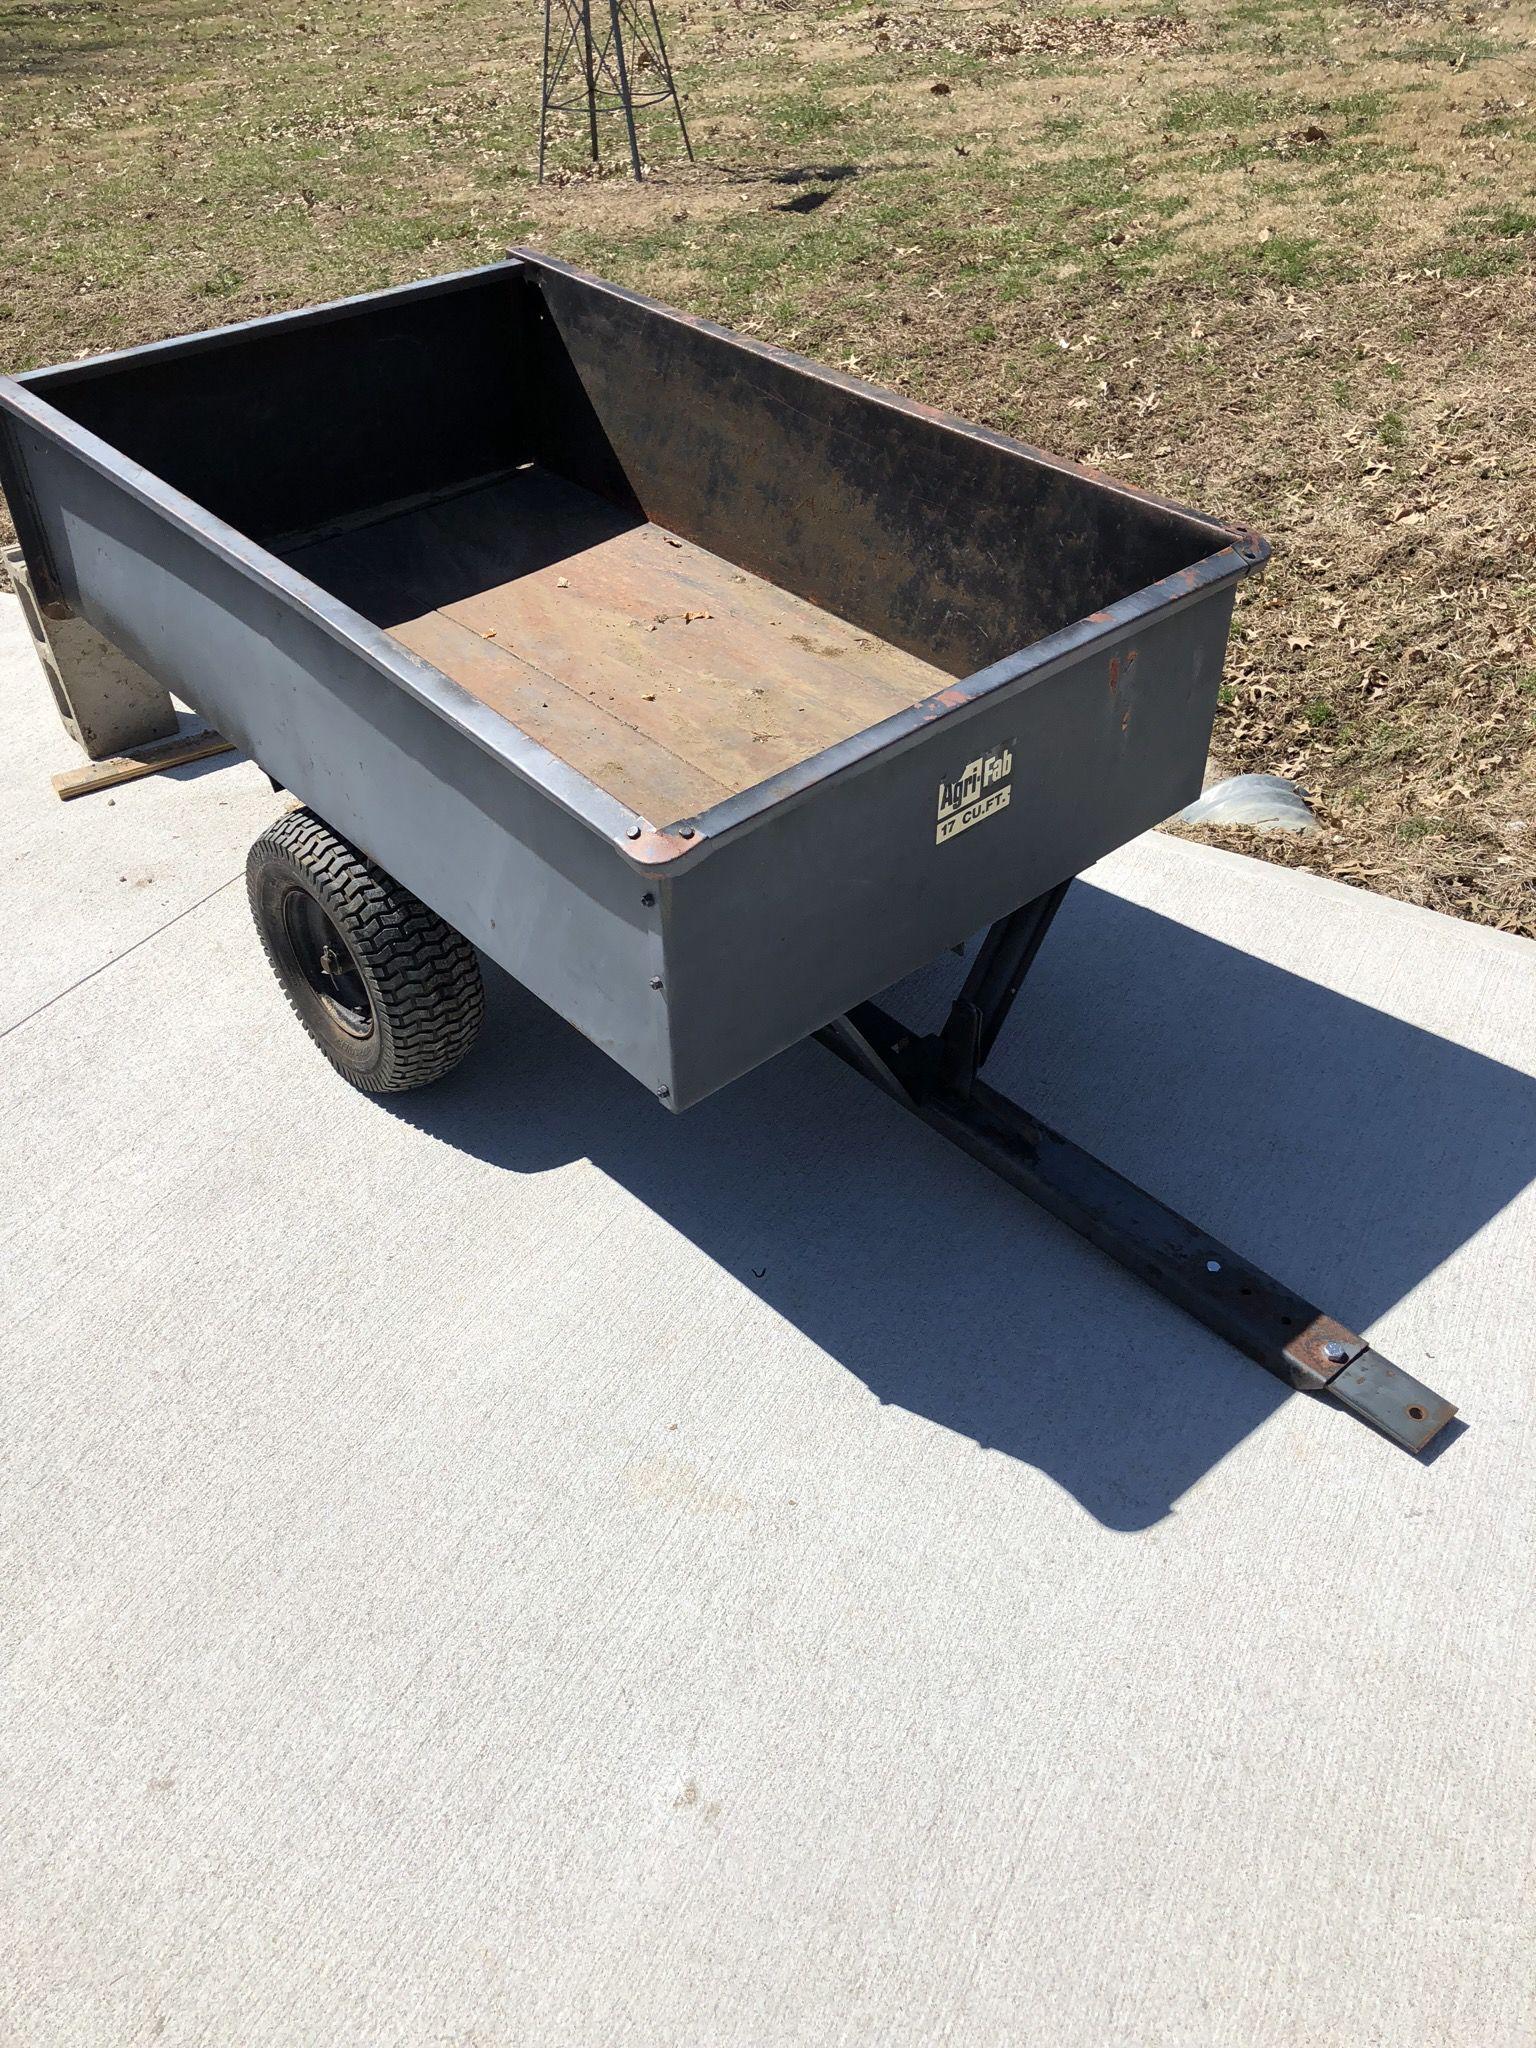 All Metal(Steel) Yard Cart—-Tilt Bed For Sale image 1